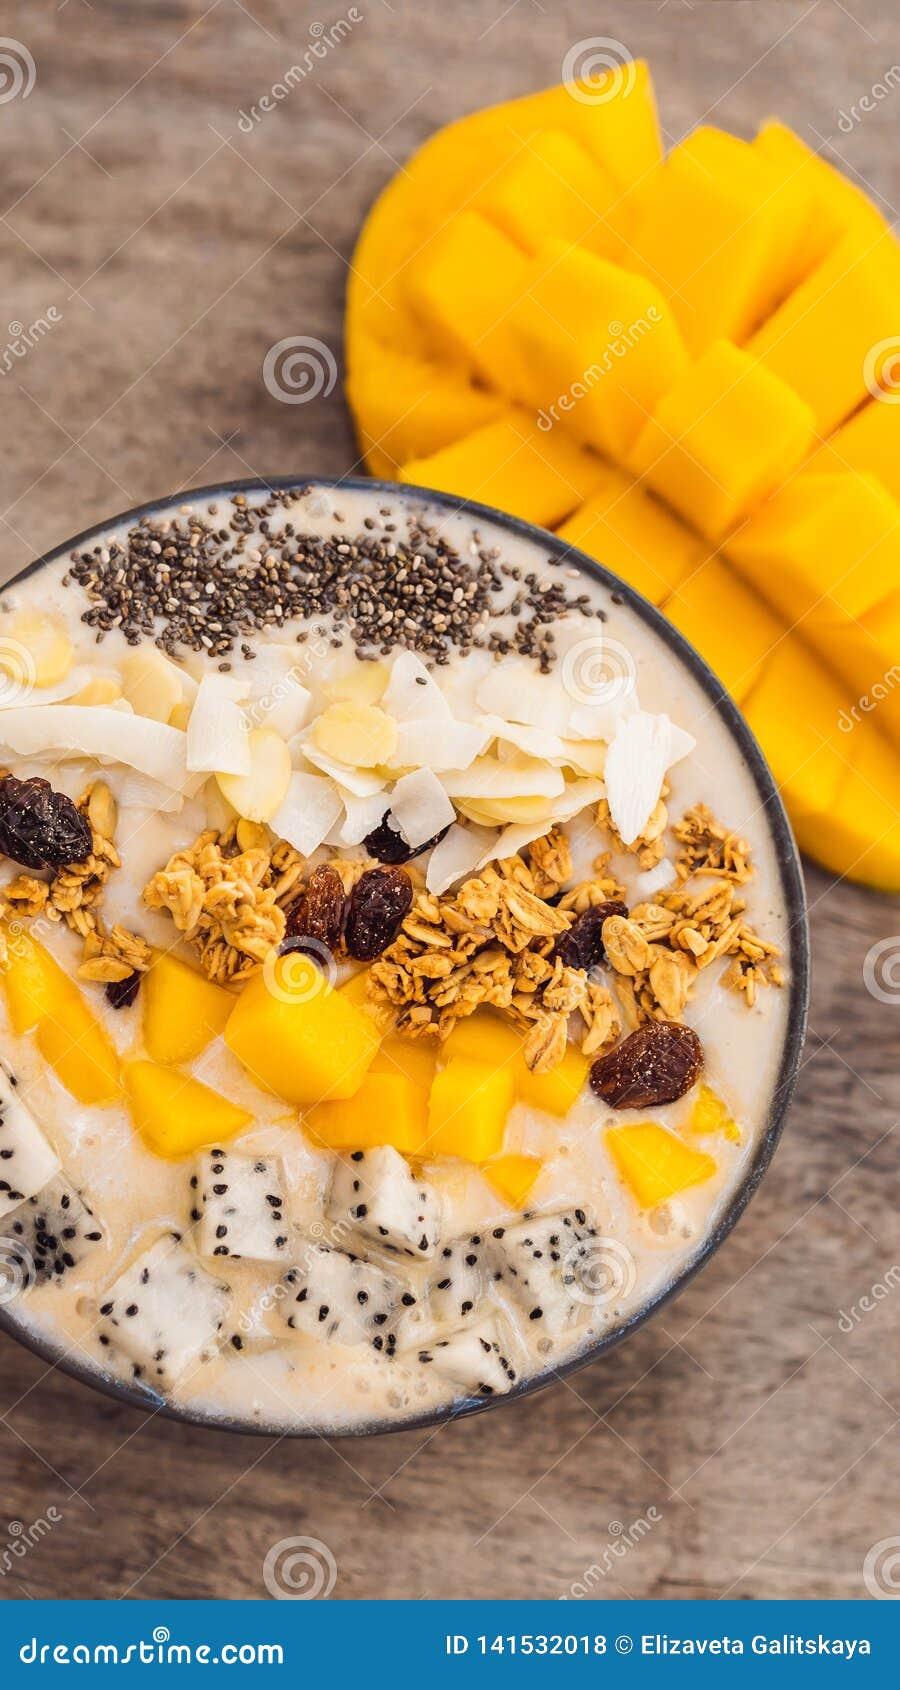 Bacias do batido feitas com manga, banana, granola, o coco raspado, o fruto do dragão, as sementes do chia e a hortelã no fundo d